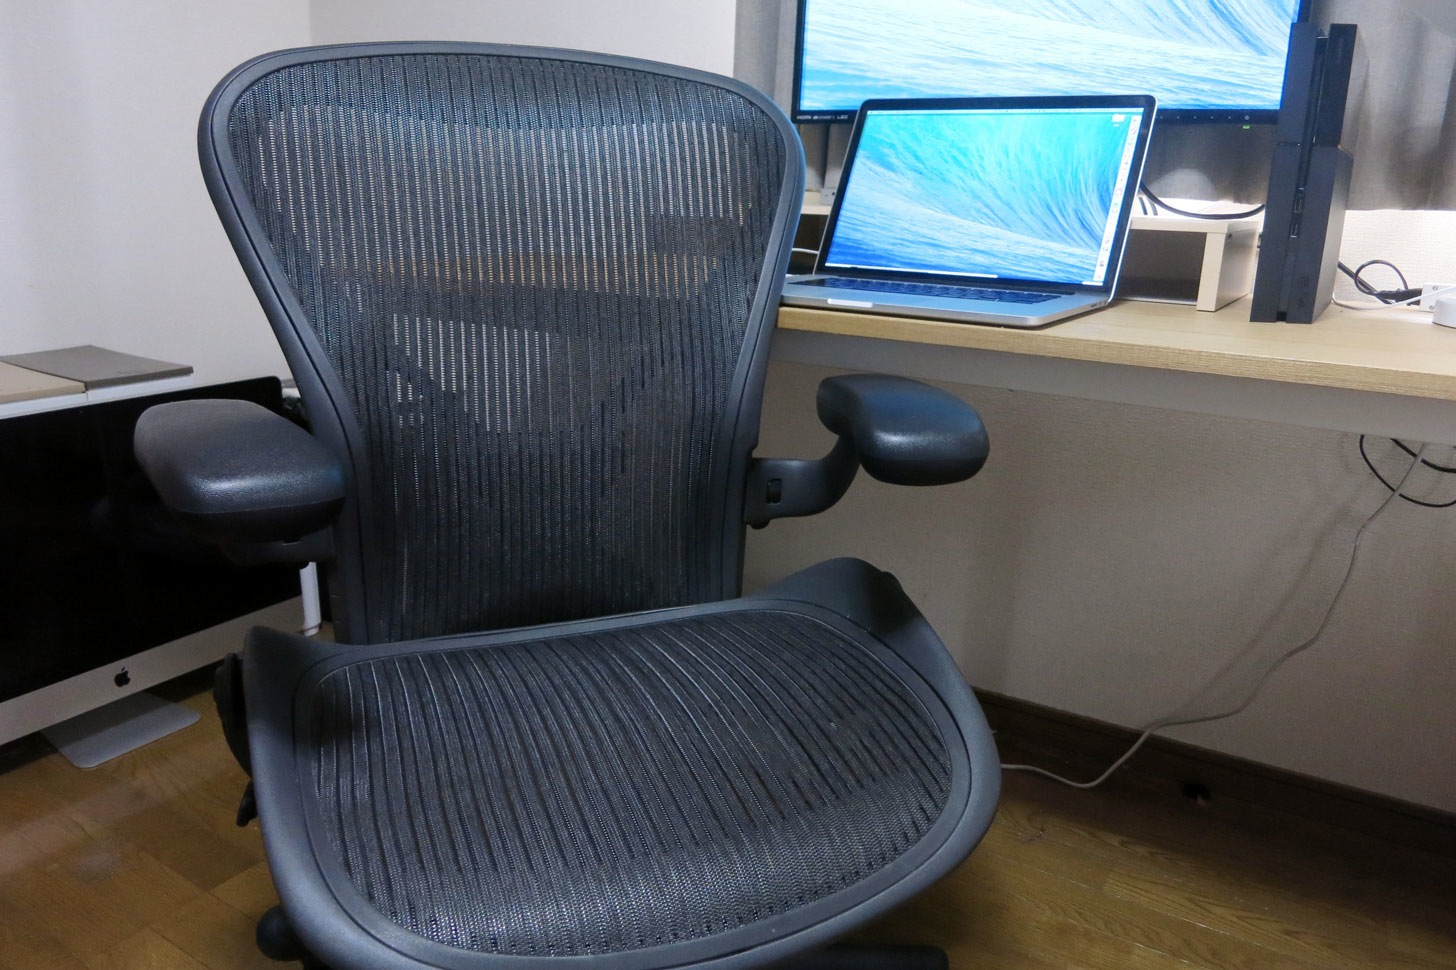 【レビュー】1年間アーロンチェアを使ってみたけど、やっぱりコイツはいい椅子だ。